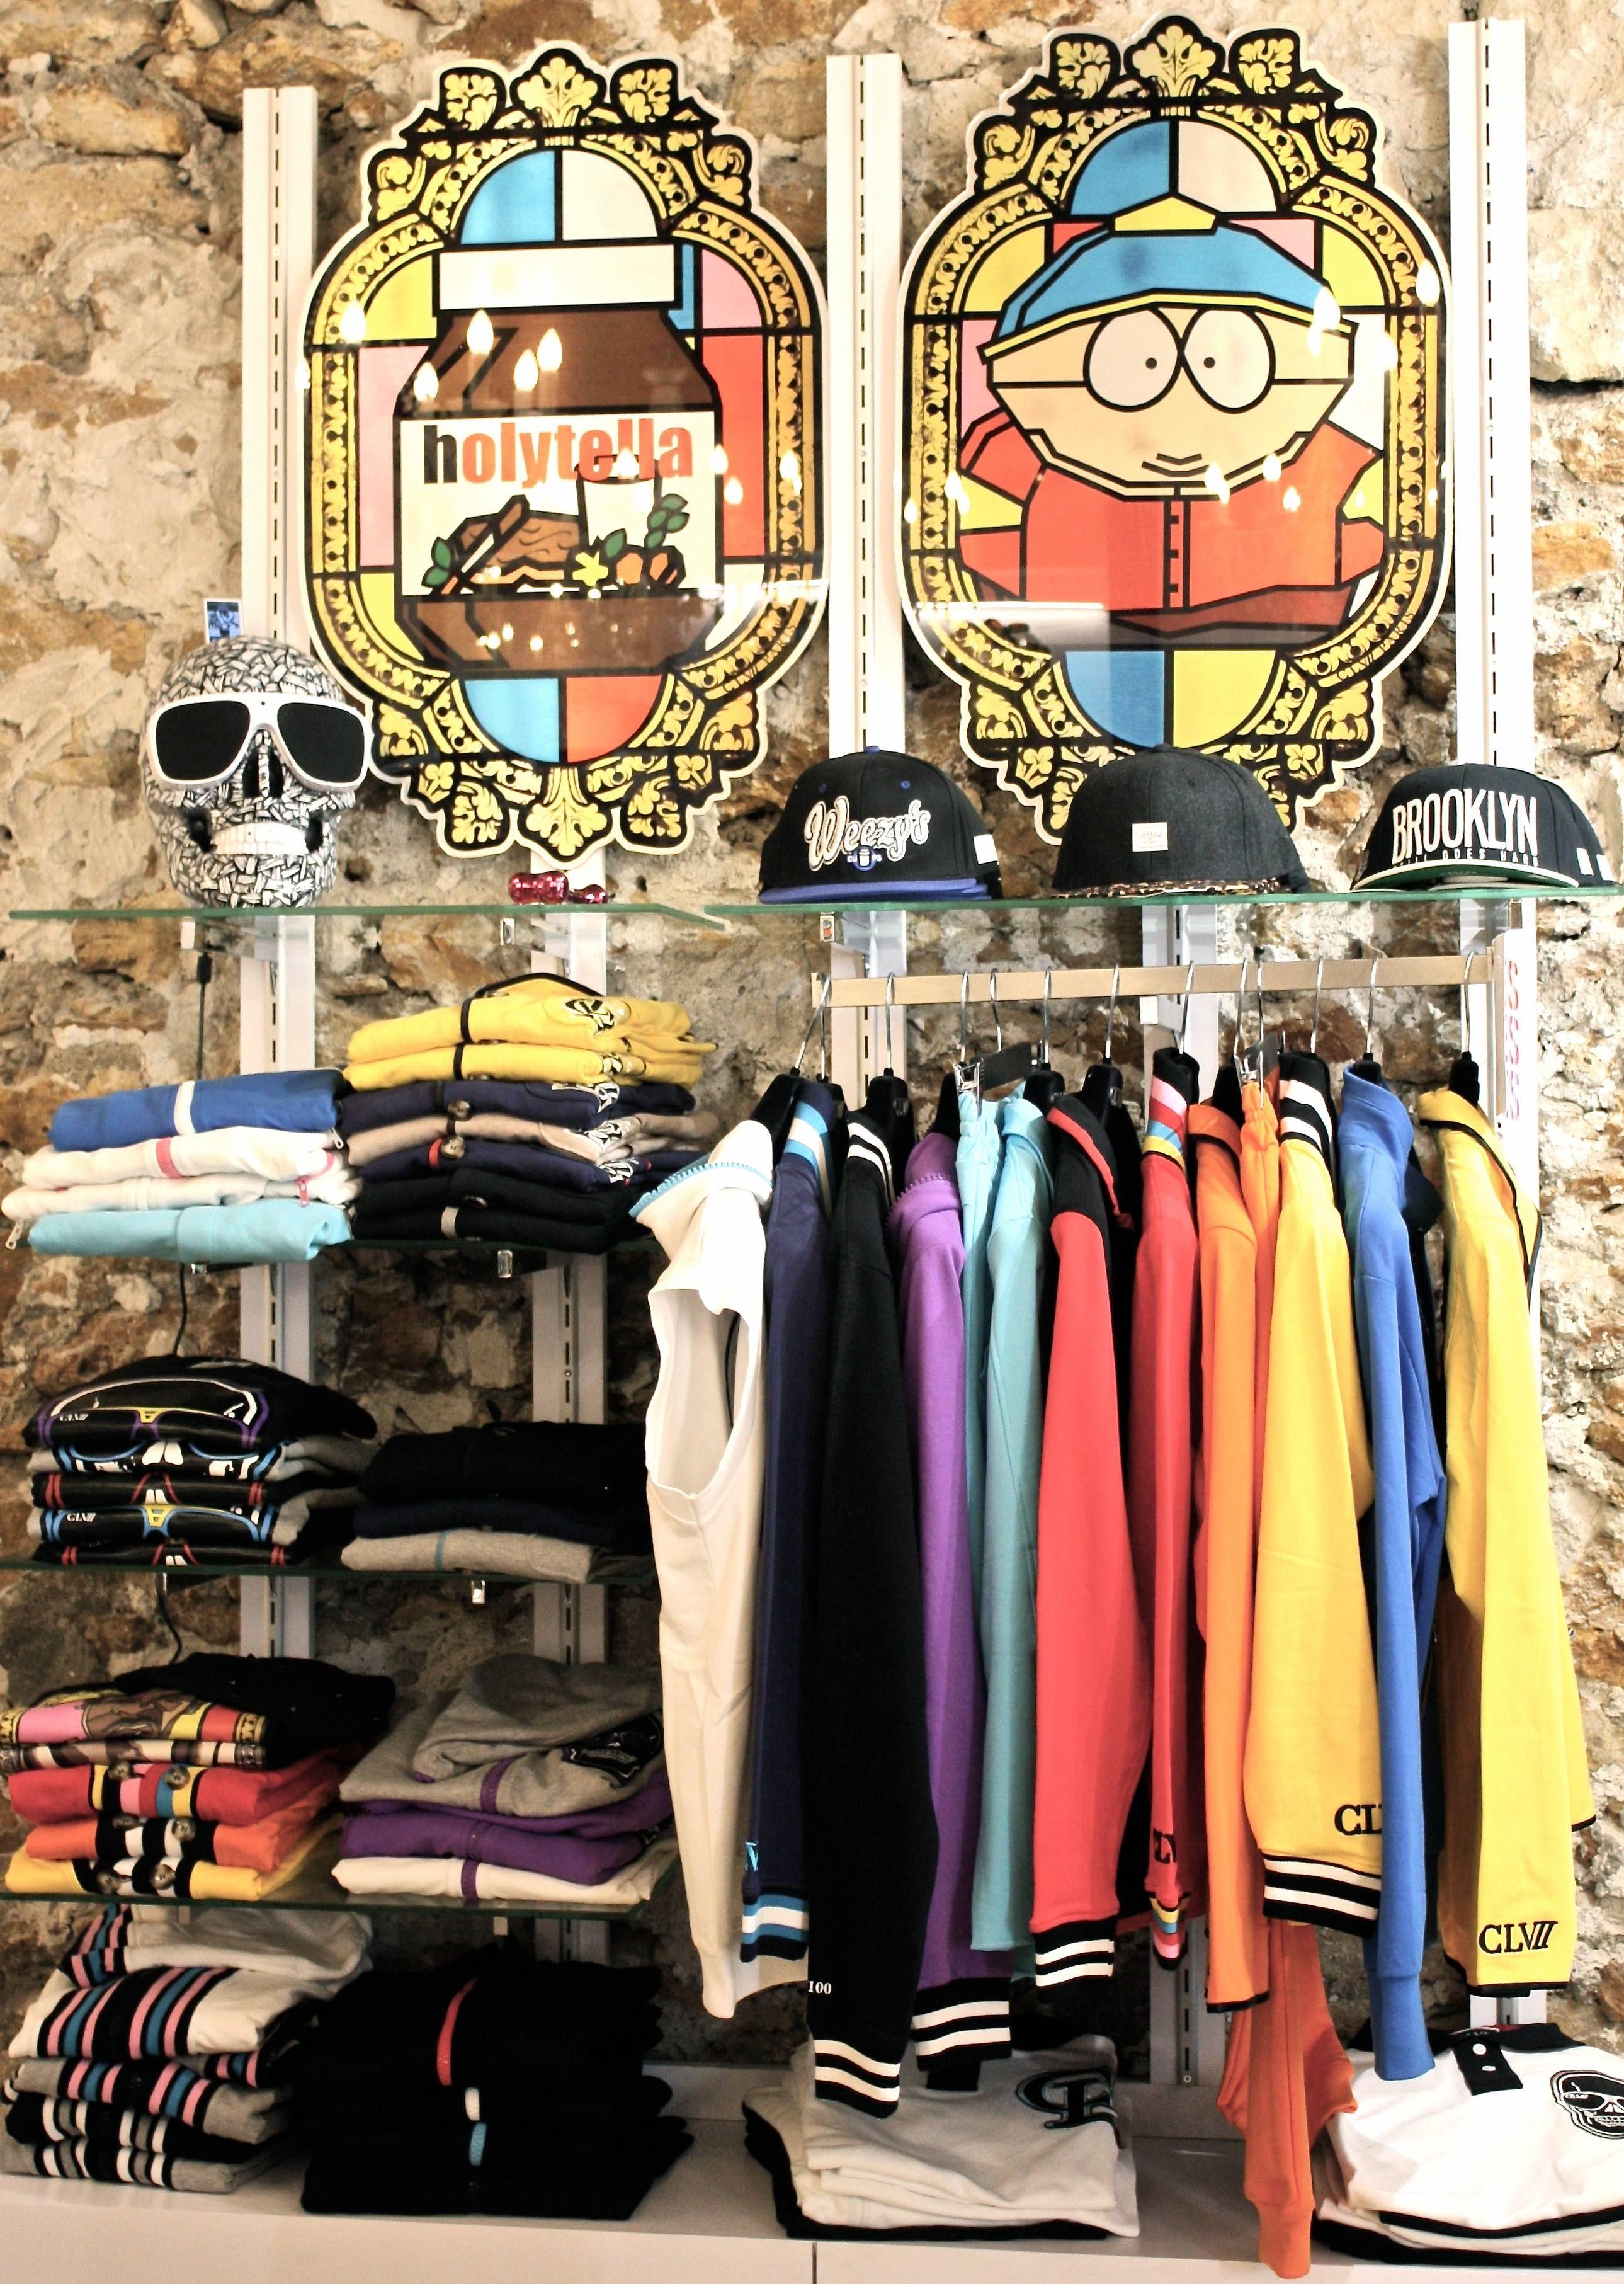 Intérieur de la boutique #clvii #mode #homme #streetwear #display ...